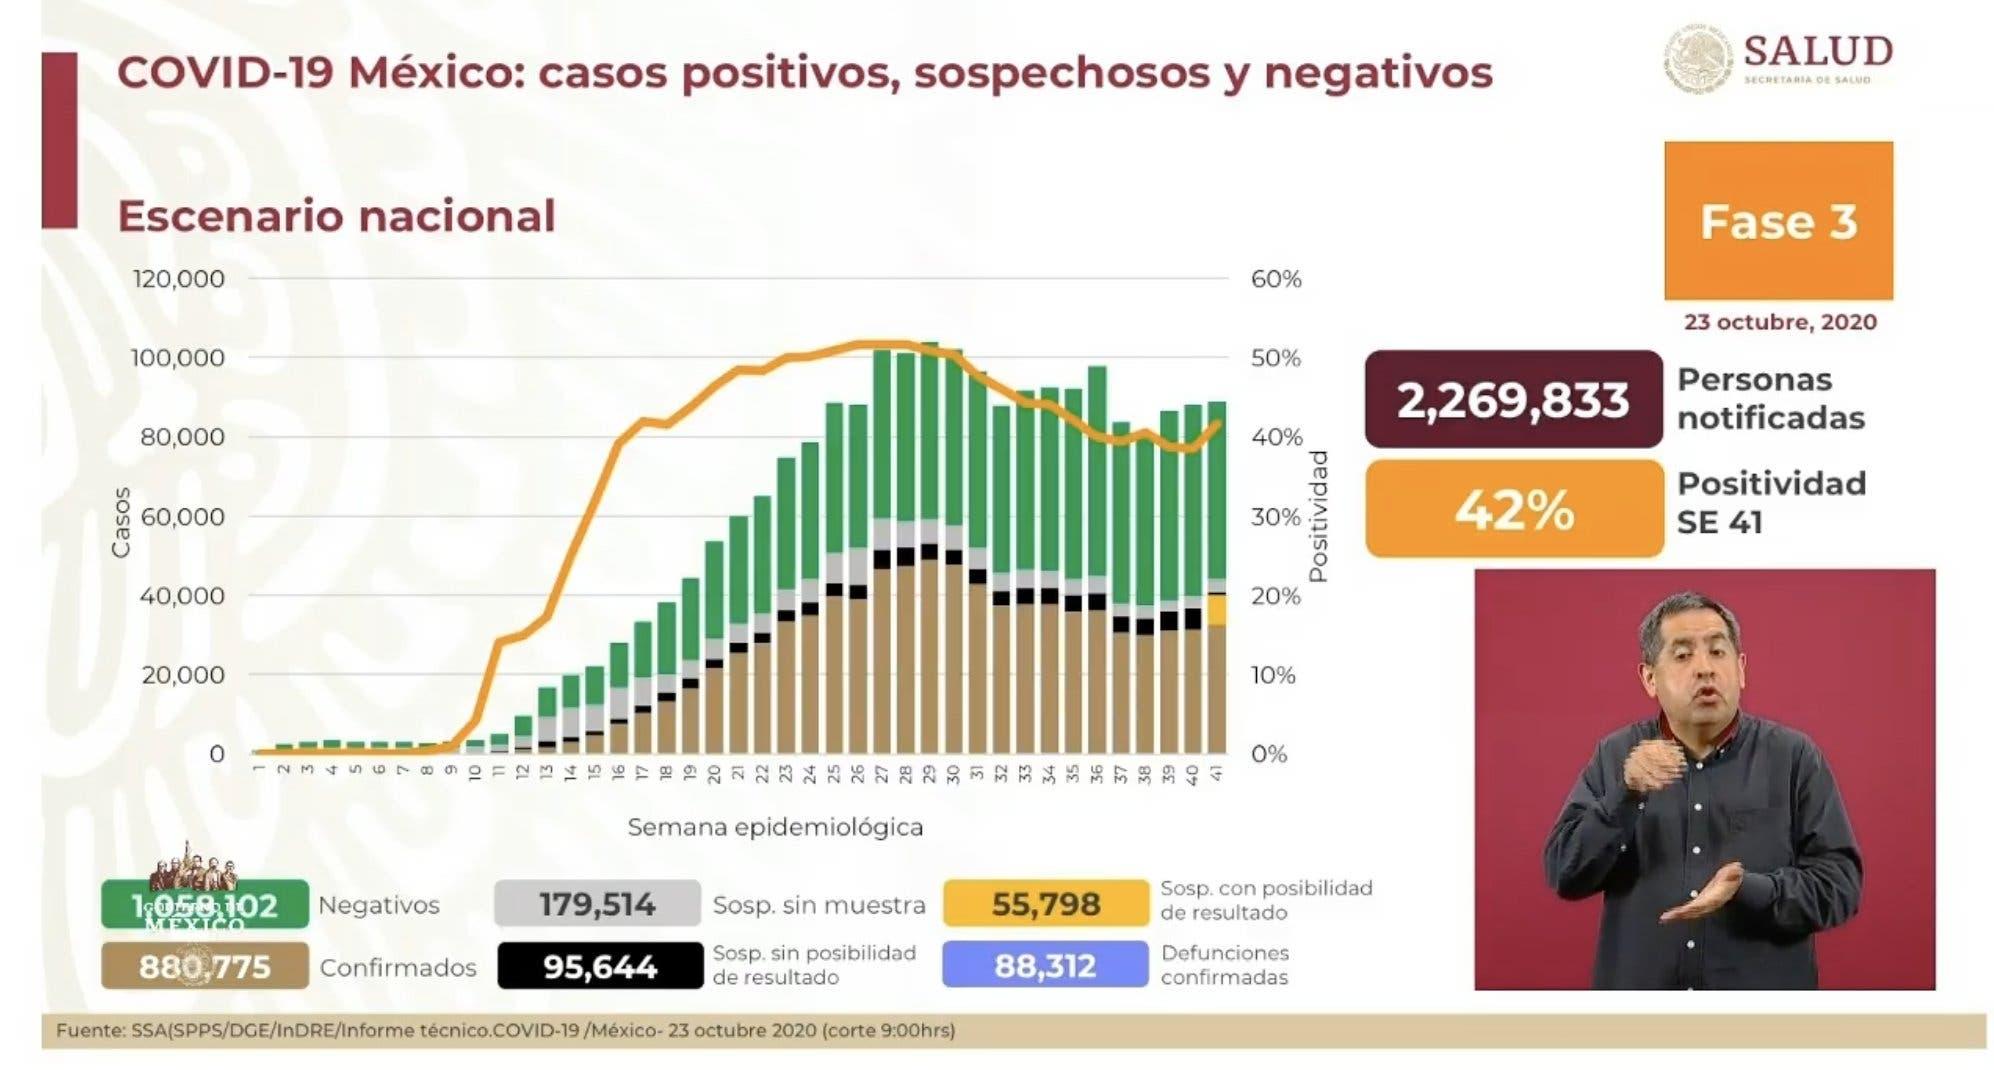 Más de 88 mil muertes por COVID-19 en México